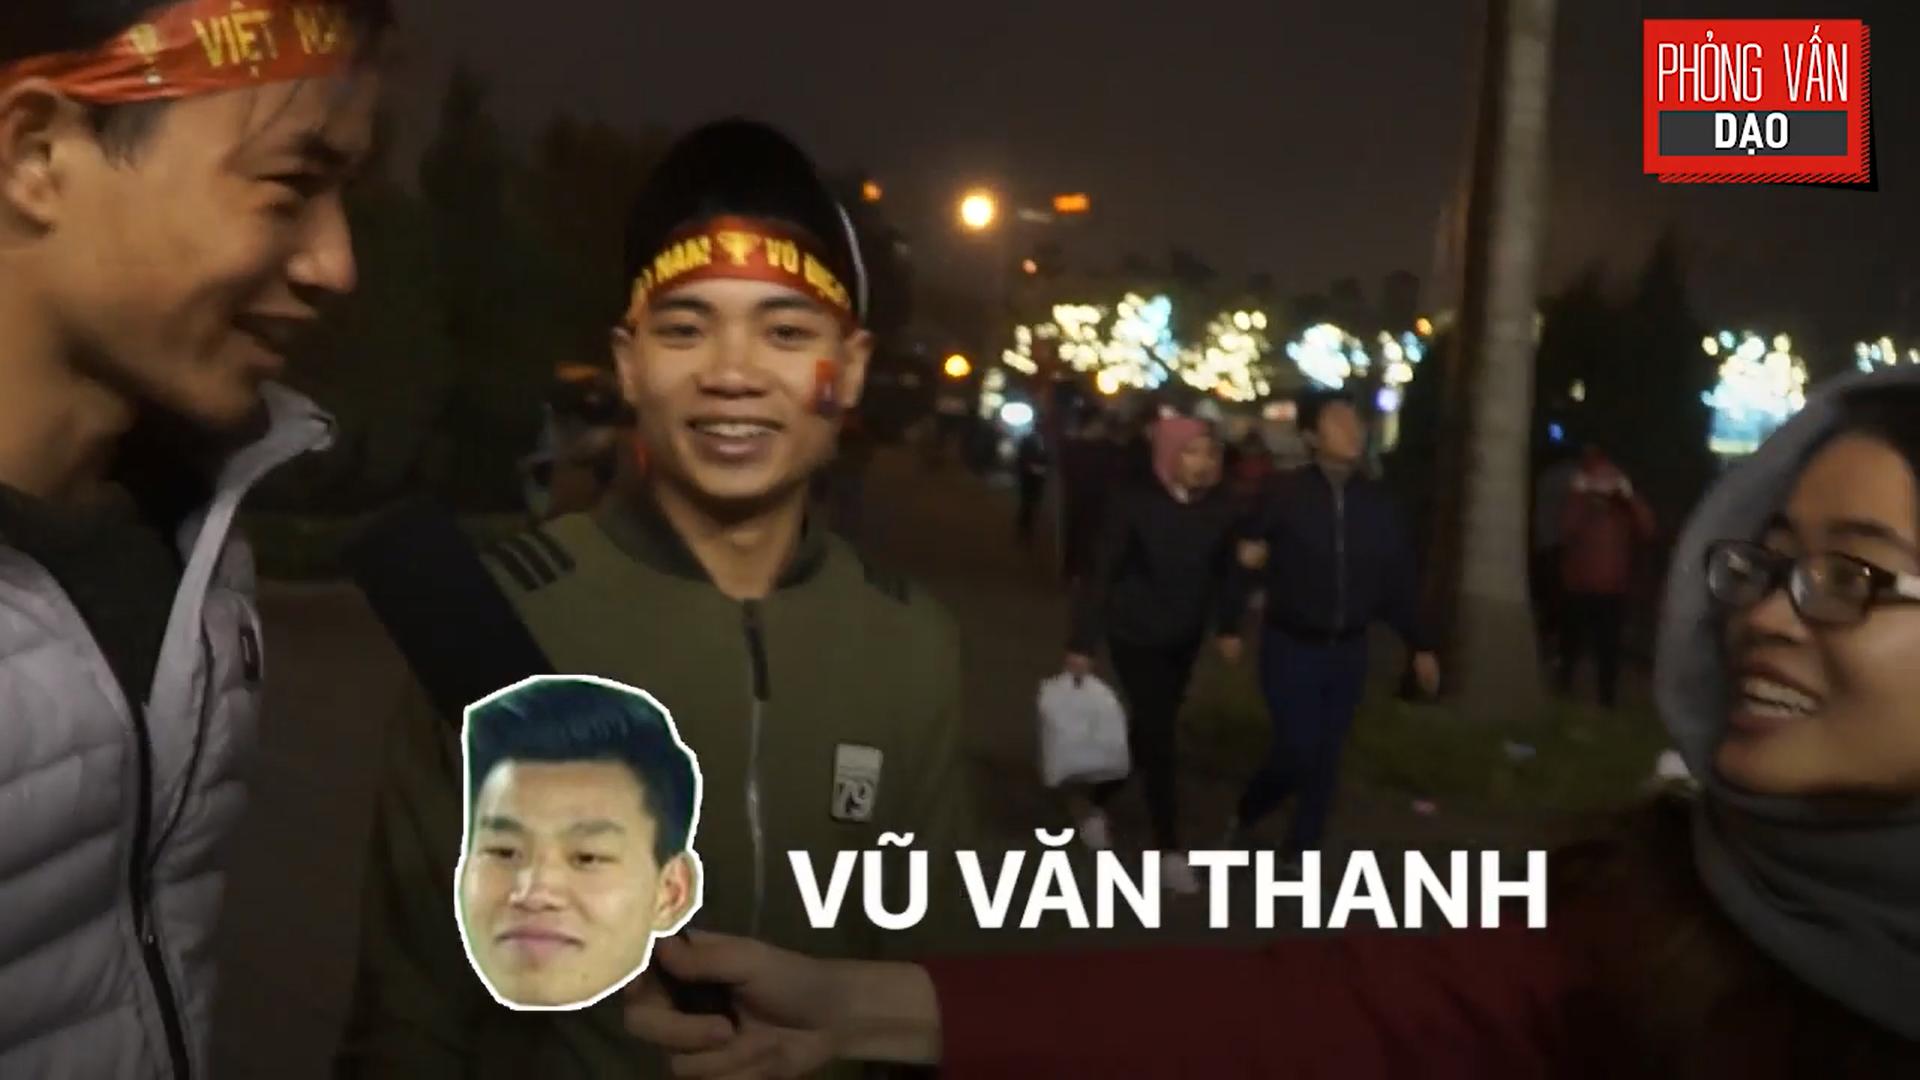 Phỏng vấn dạo: Cảm xúc của người hâm mộ khi đón U23 Việt Nam trở về trong vòng tay - Ảnh 10.